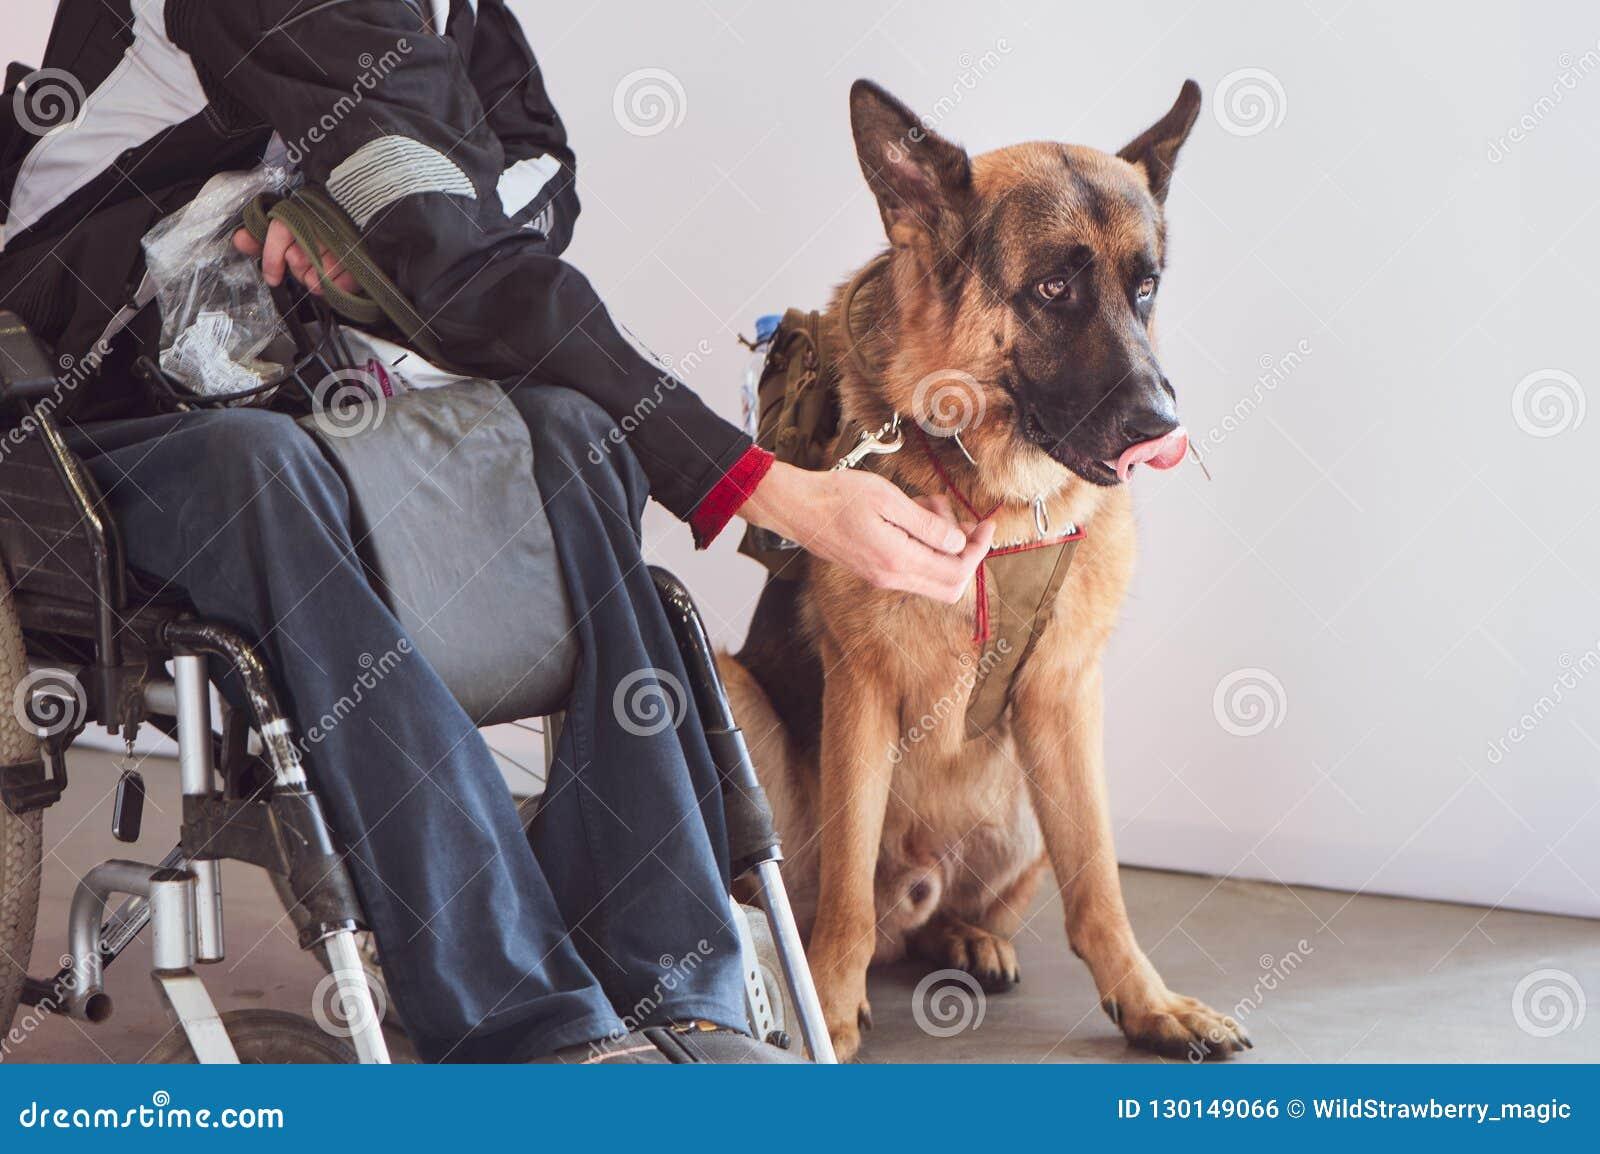 看管,为狗服务与所有者无效